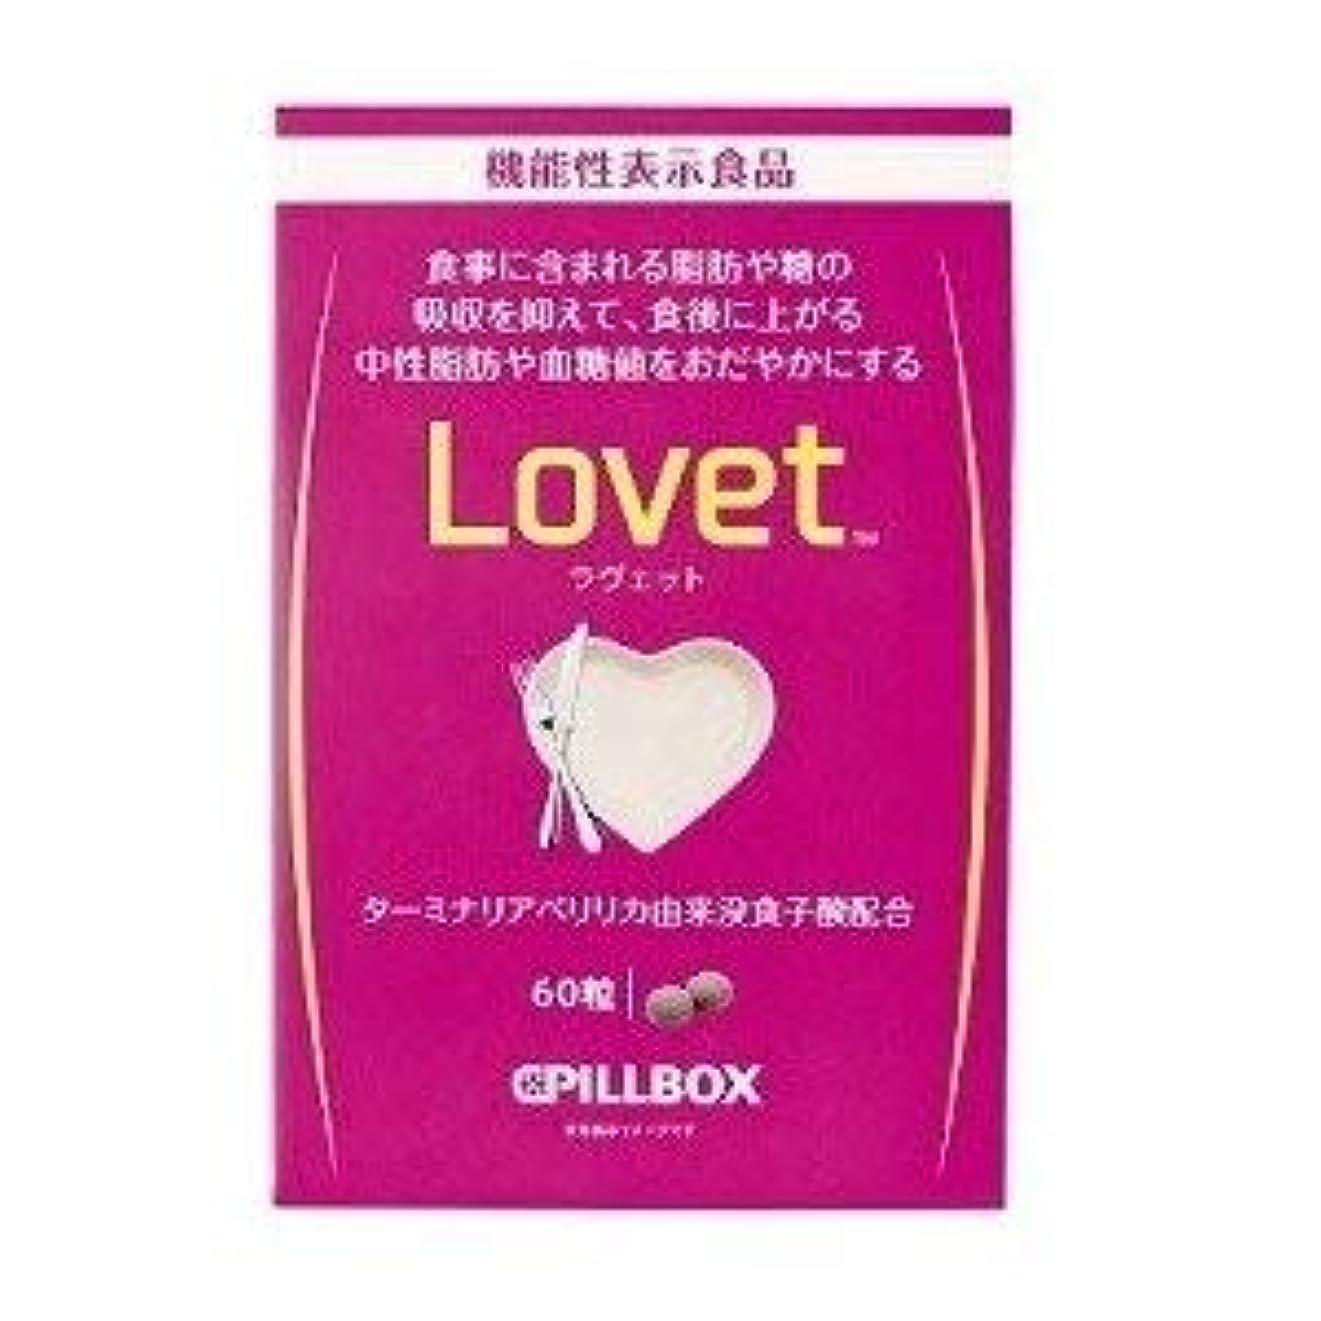 味付け体操選手ガロンピルボックス Lovet(ラヴェット)60粒 10個セット